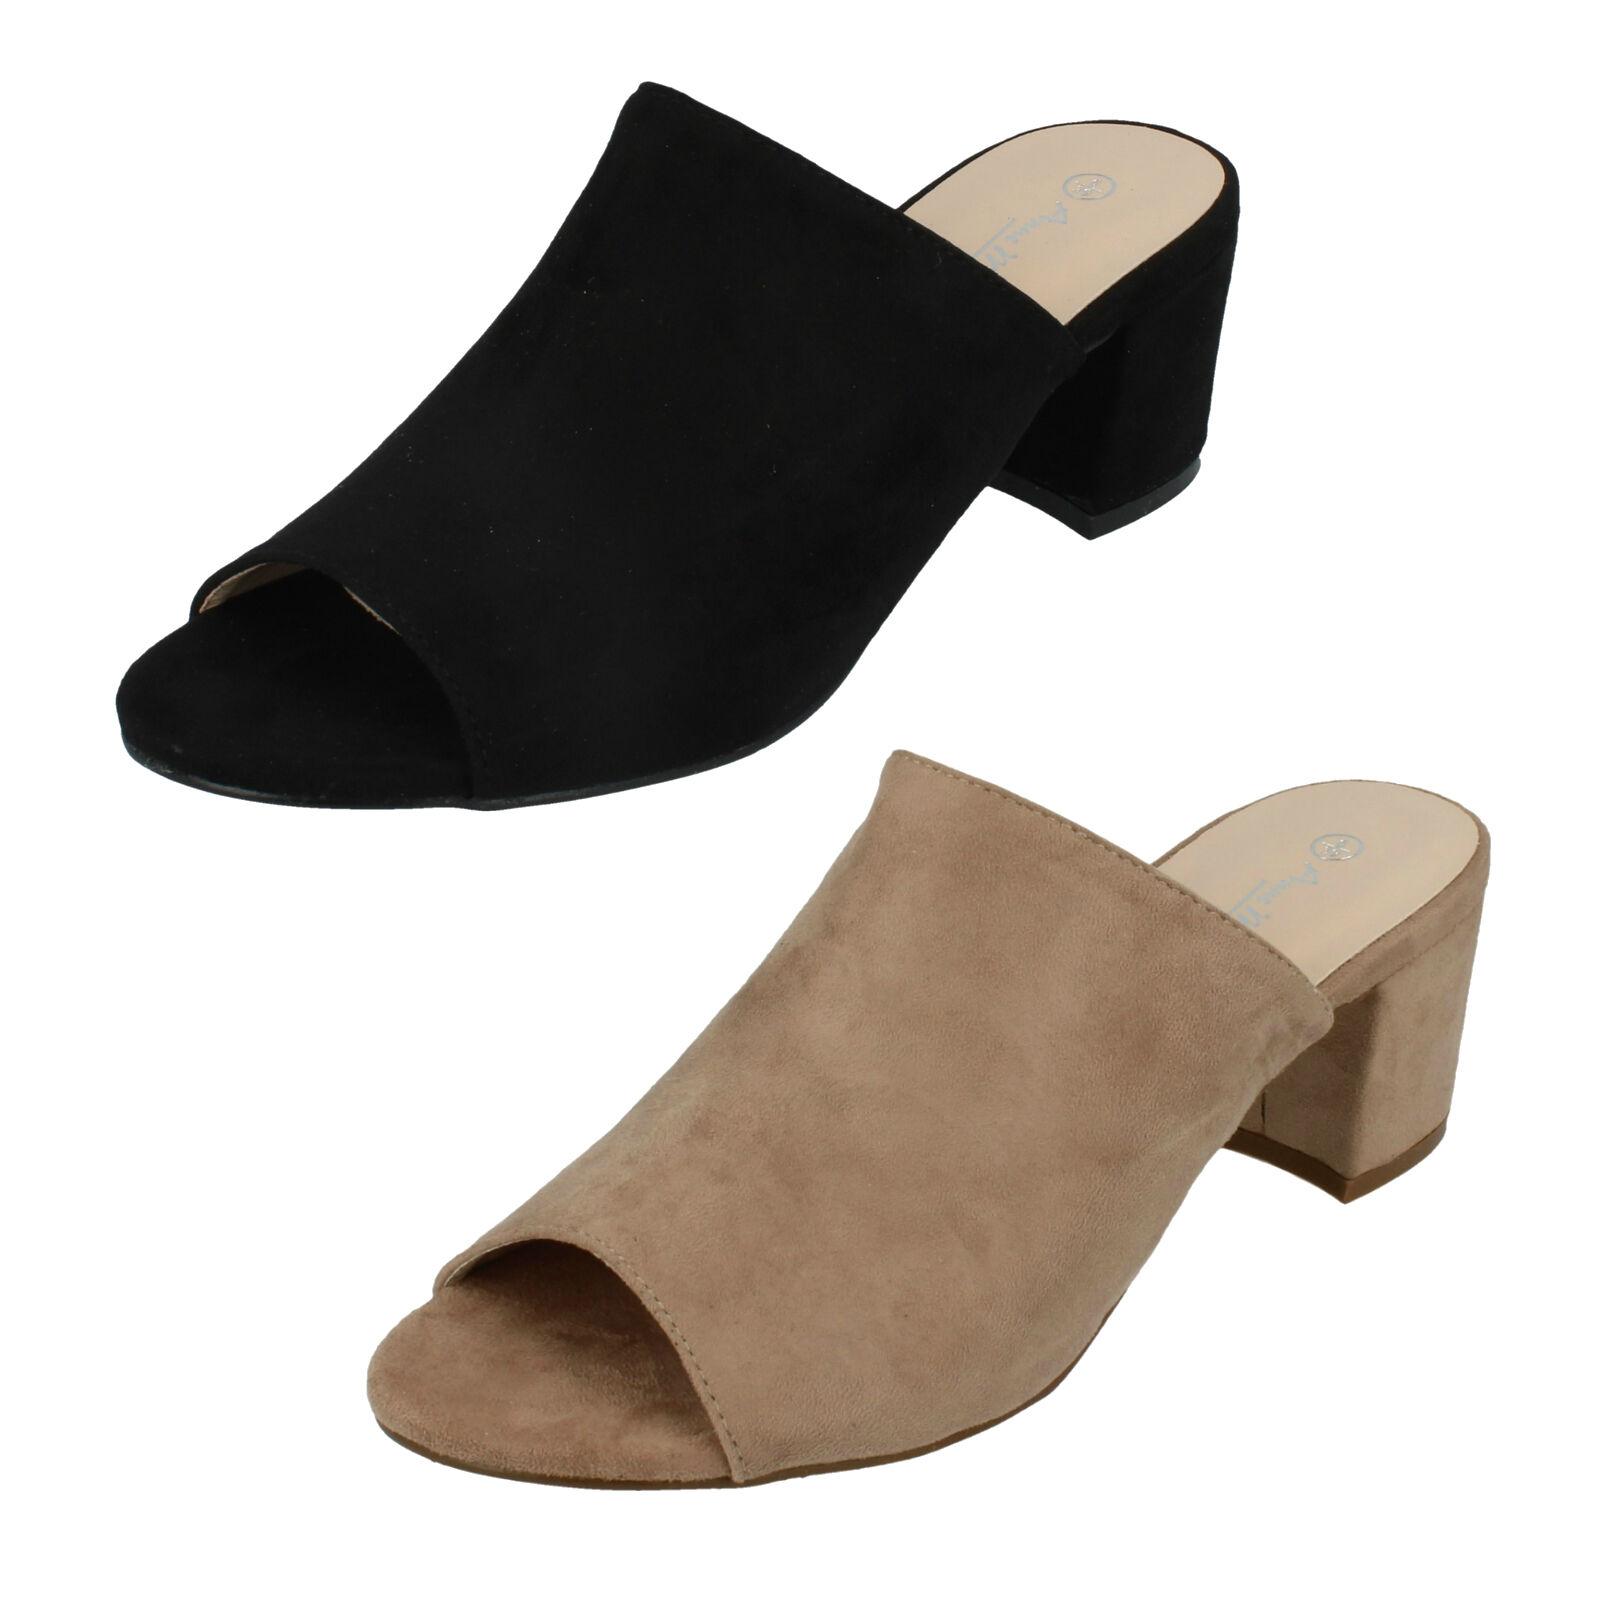 Da Donna Aperta Anne Michelle Slip On Pantofole con Punta Aperta Donna (2 Colori) Stile: dd4e5d